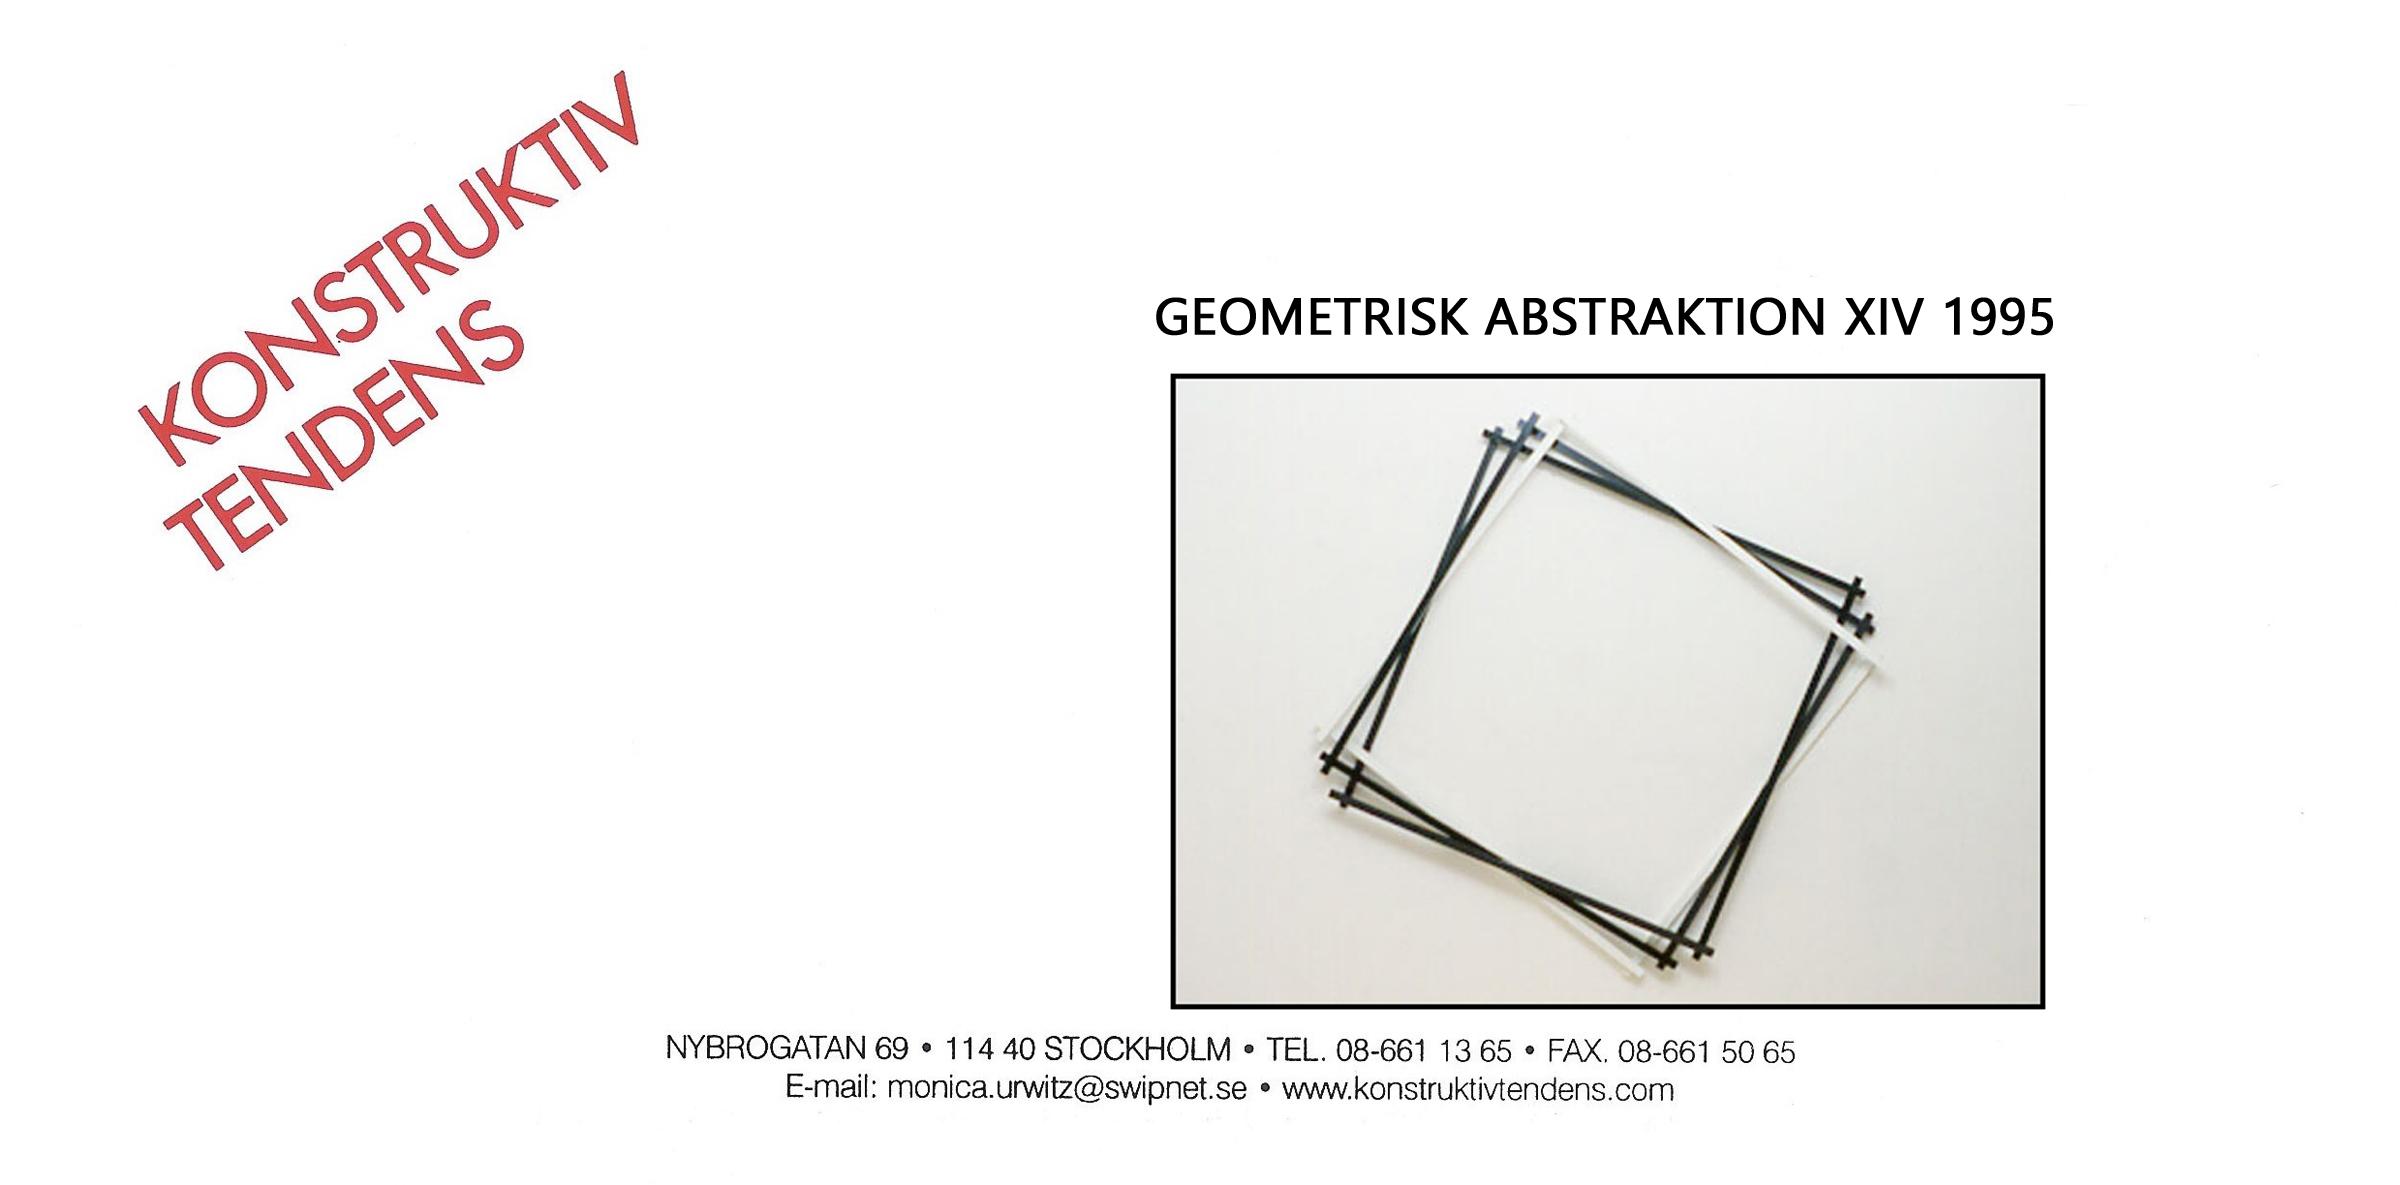 1995 Geometrisk Abstraktion XIV   Galerie Konstruktiv Tendens, Stockholm, SWE